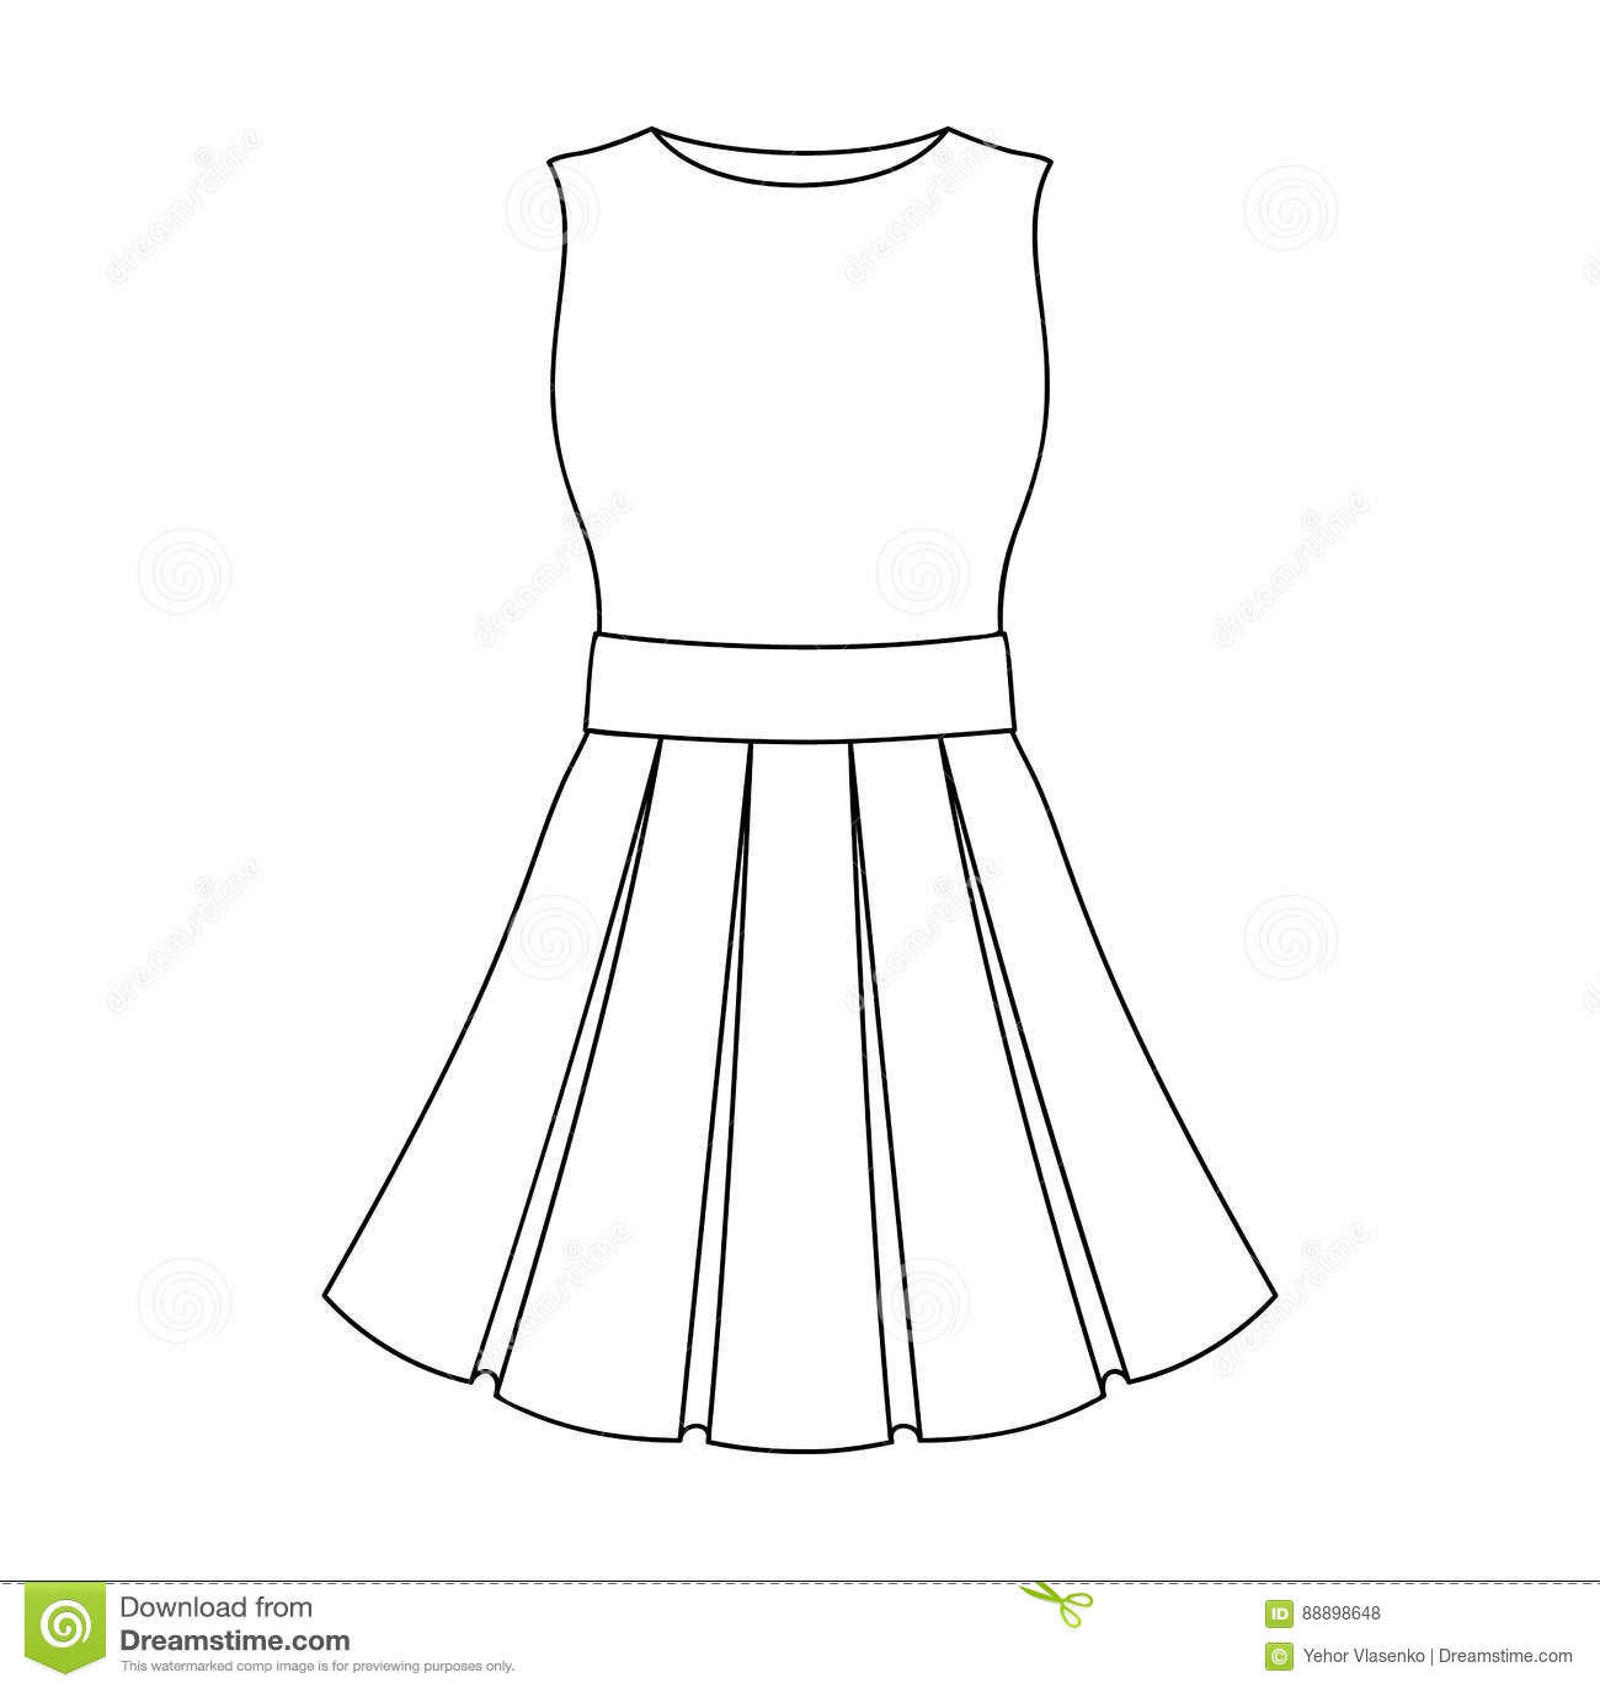 486c50d146535 Schönes helles Sommerkleid ohne Ärmel Kleidung für eine Wanderung zum  Strand Einzelne Ikone der Frauenkleidungs